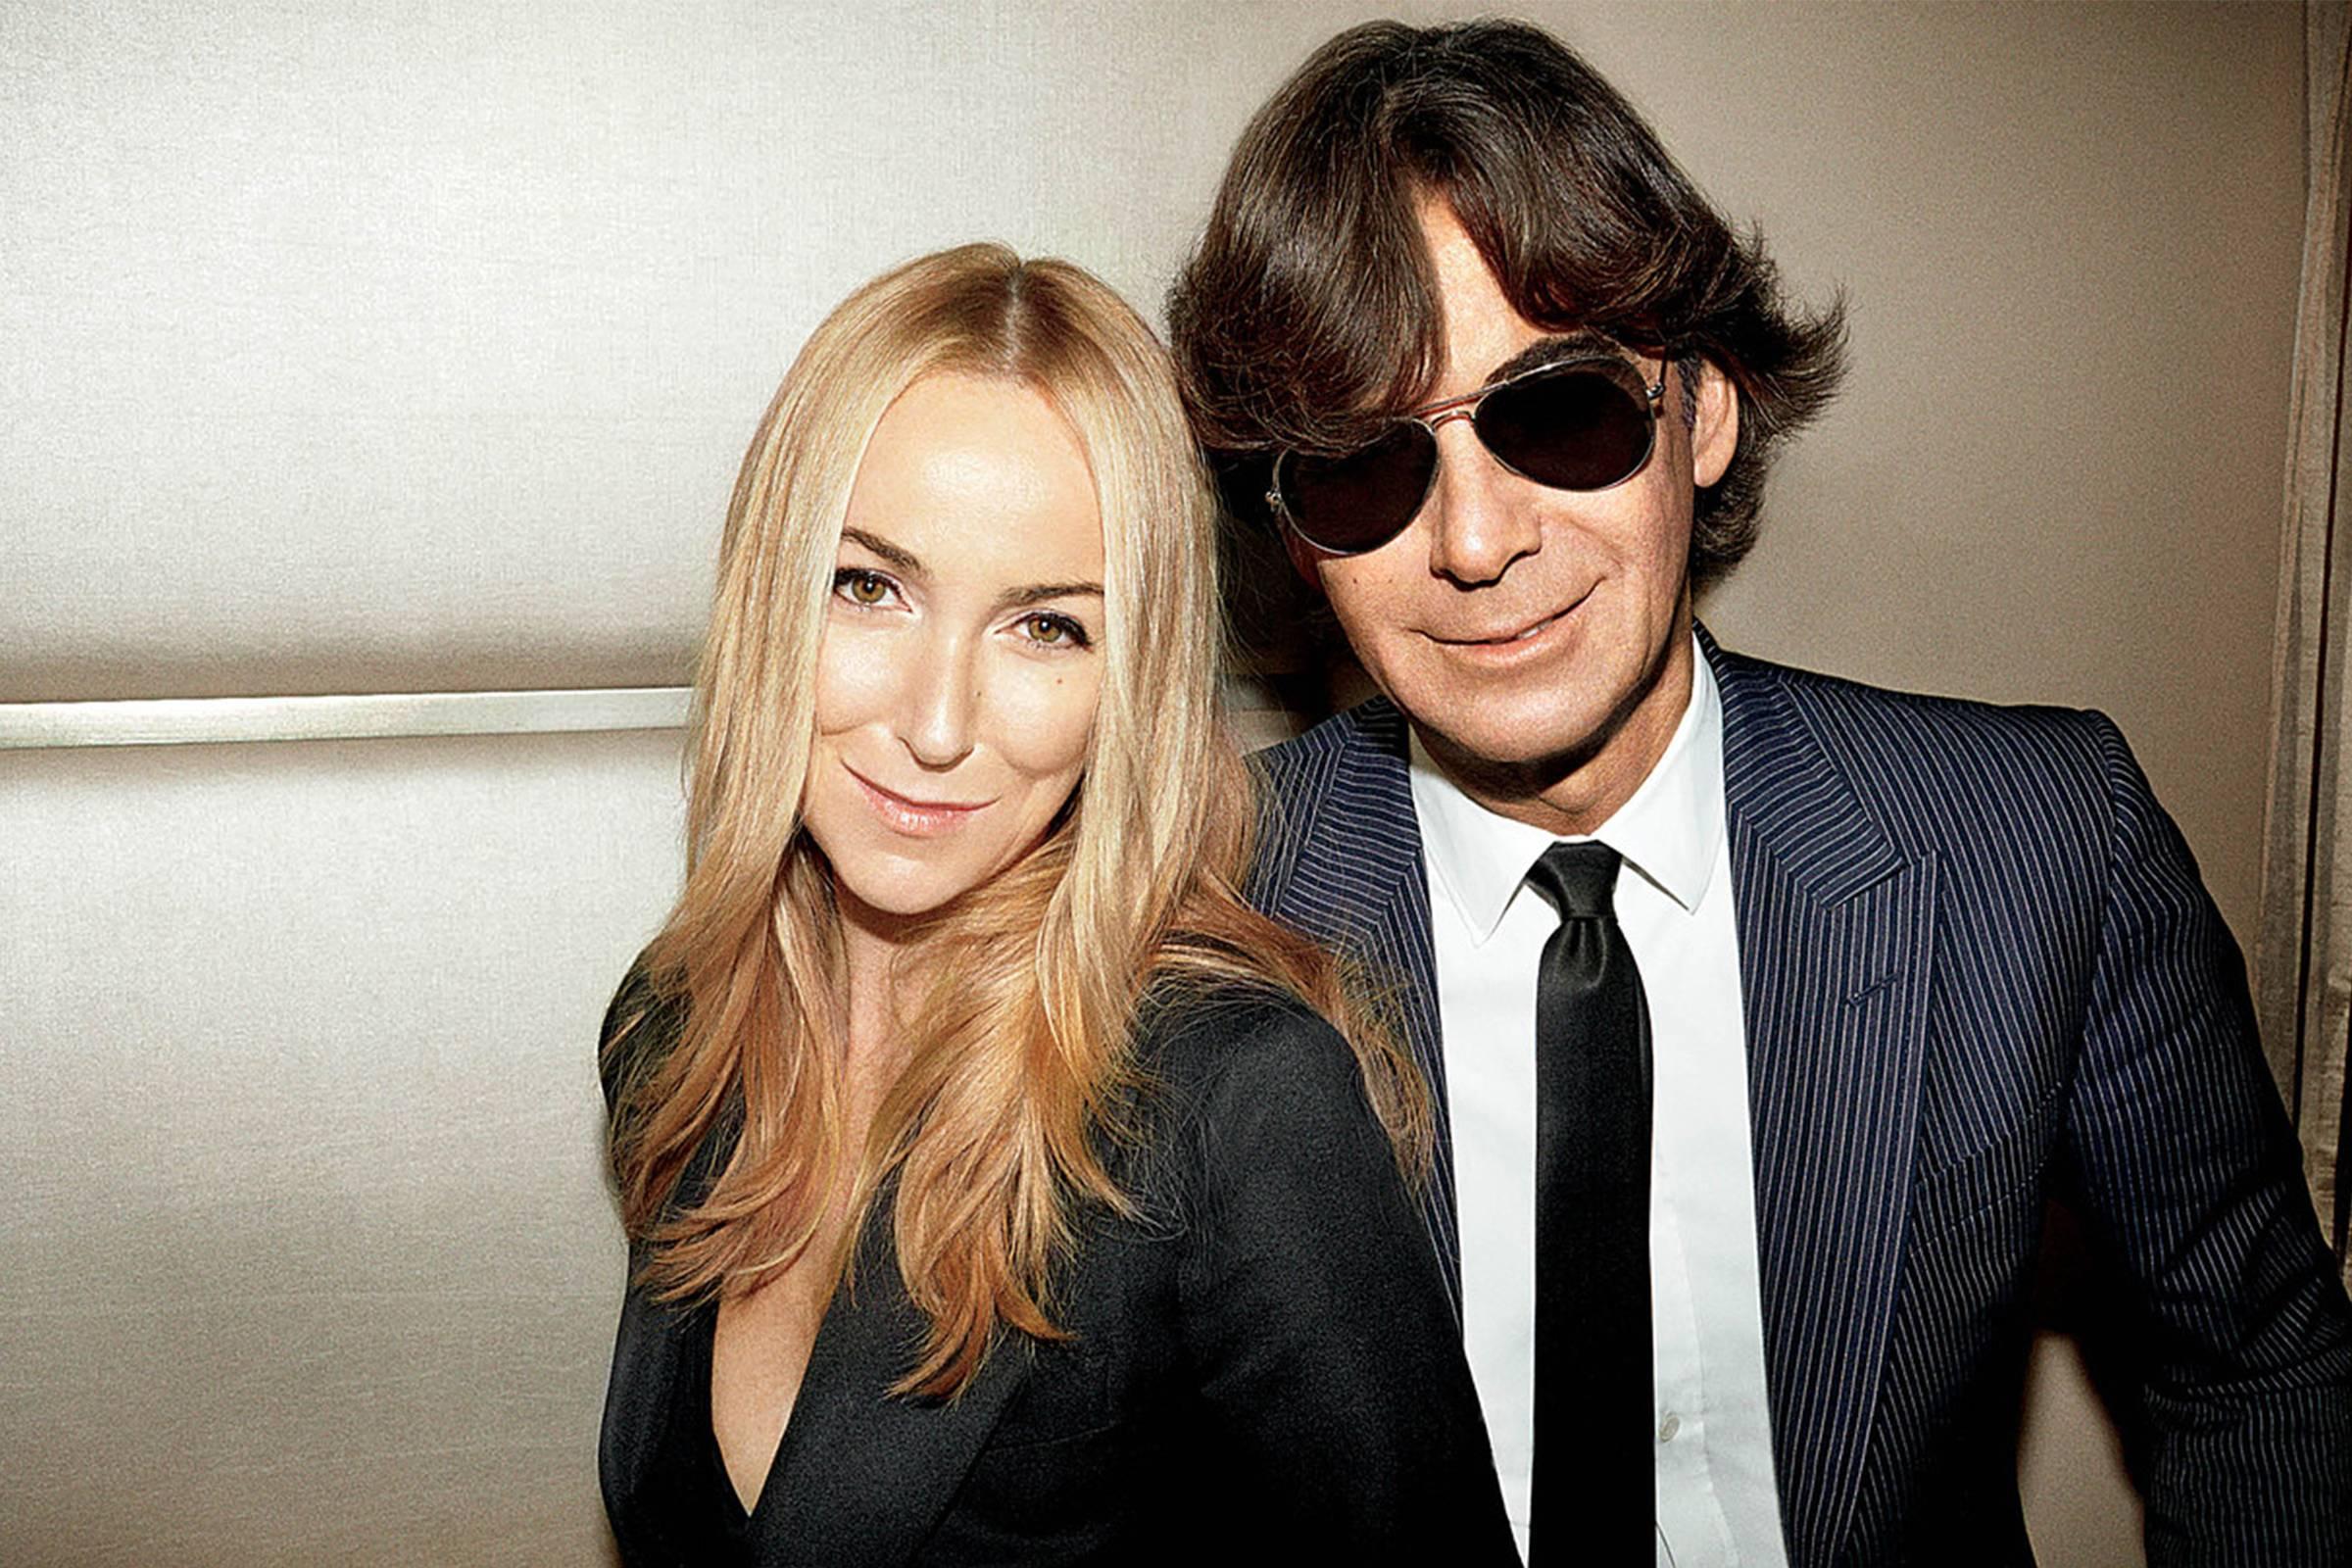 The power couple: Creative Director Frida Giannini and CEO Patrizio Di Marco